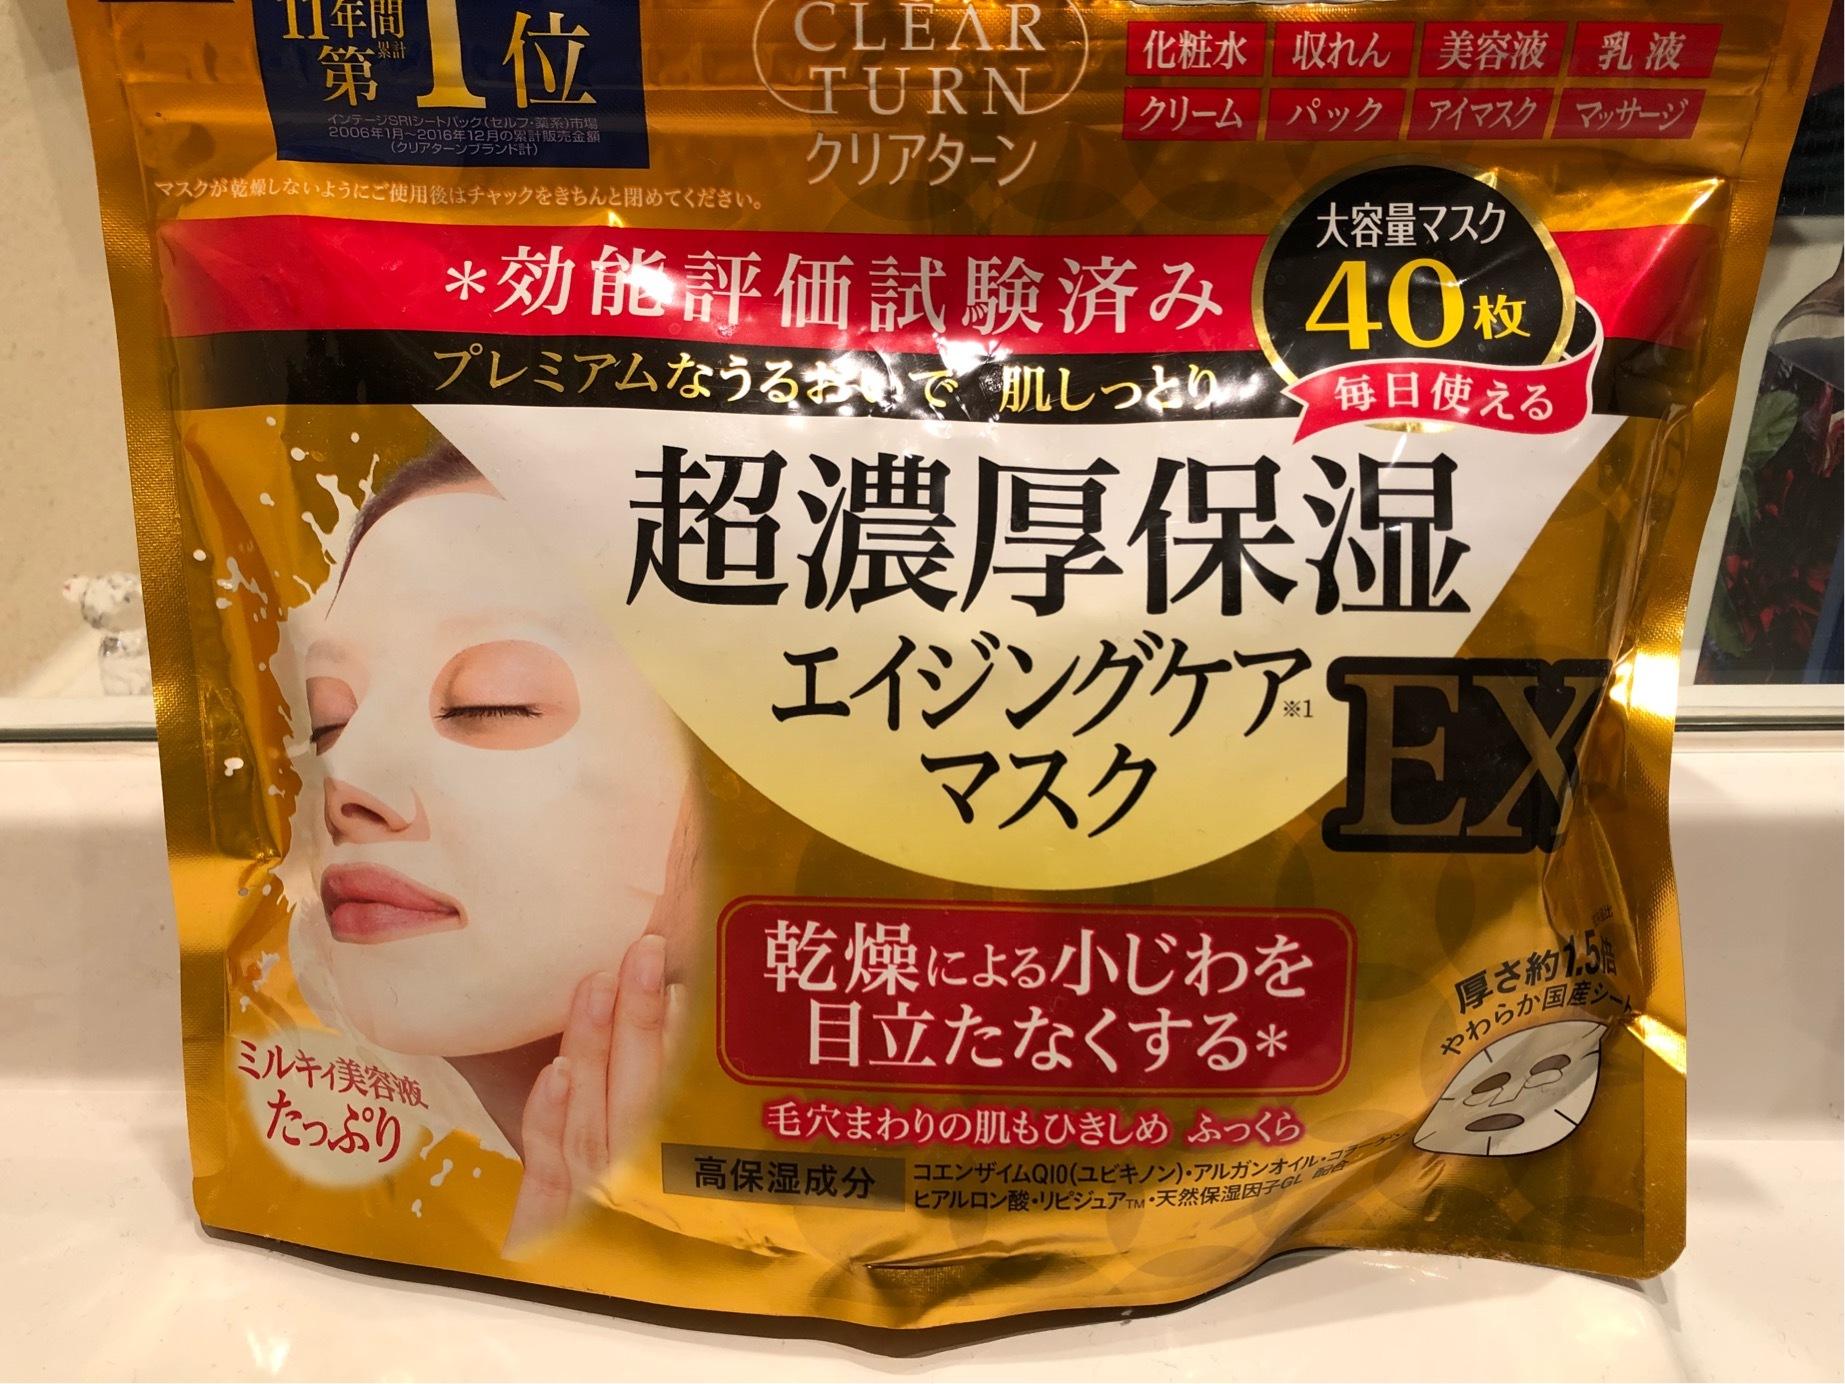 【美容液マスク】1枚約20円のコスパマスクで乾燥を乗り切ろう!(*´-`)_1_5